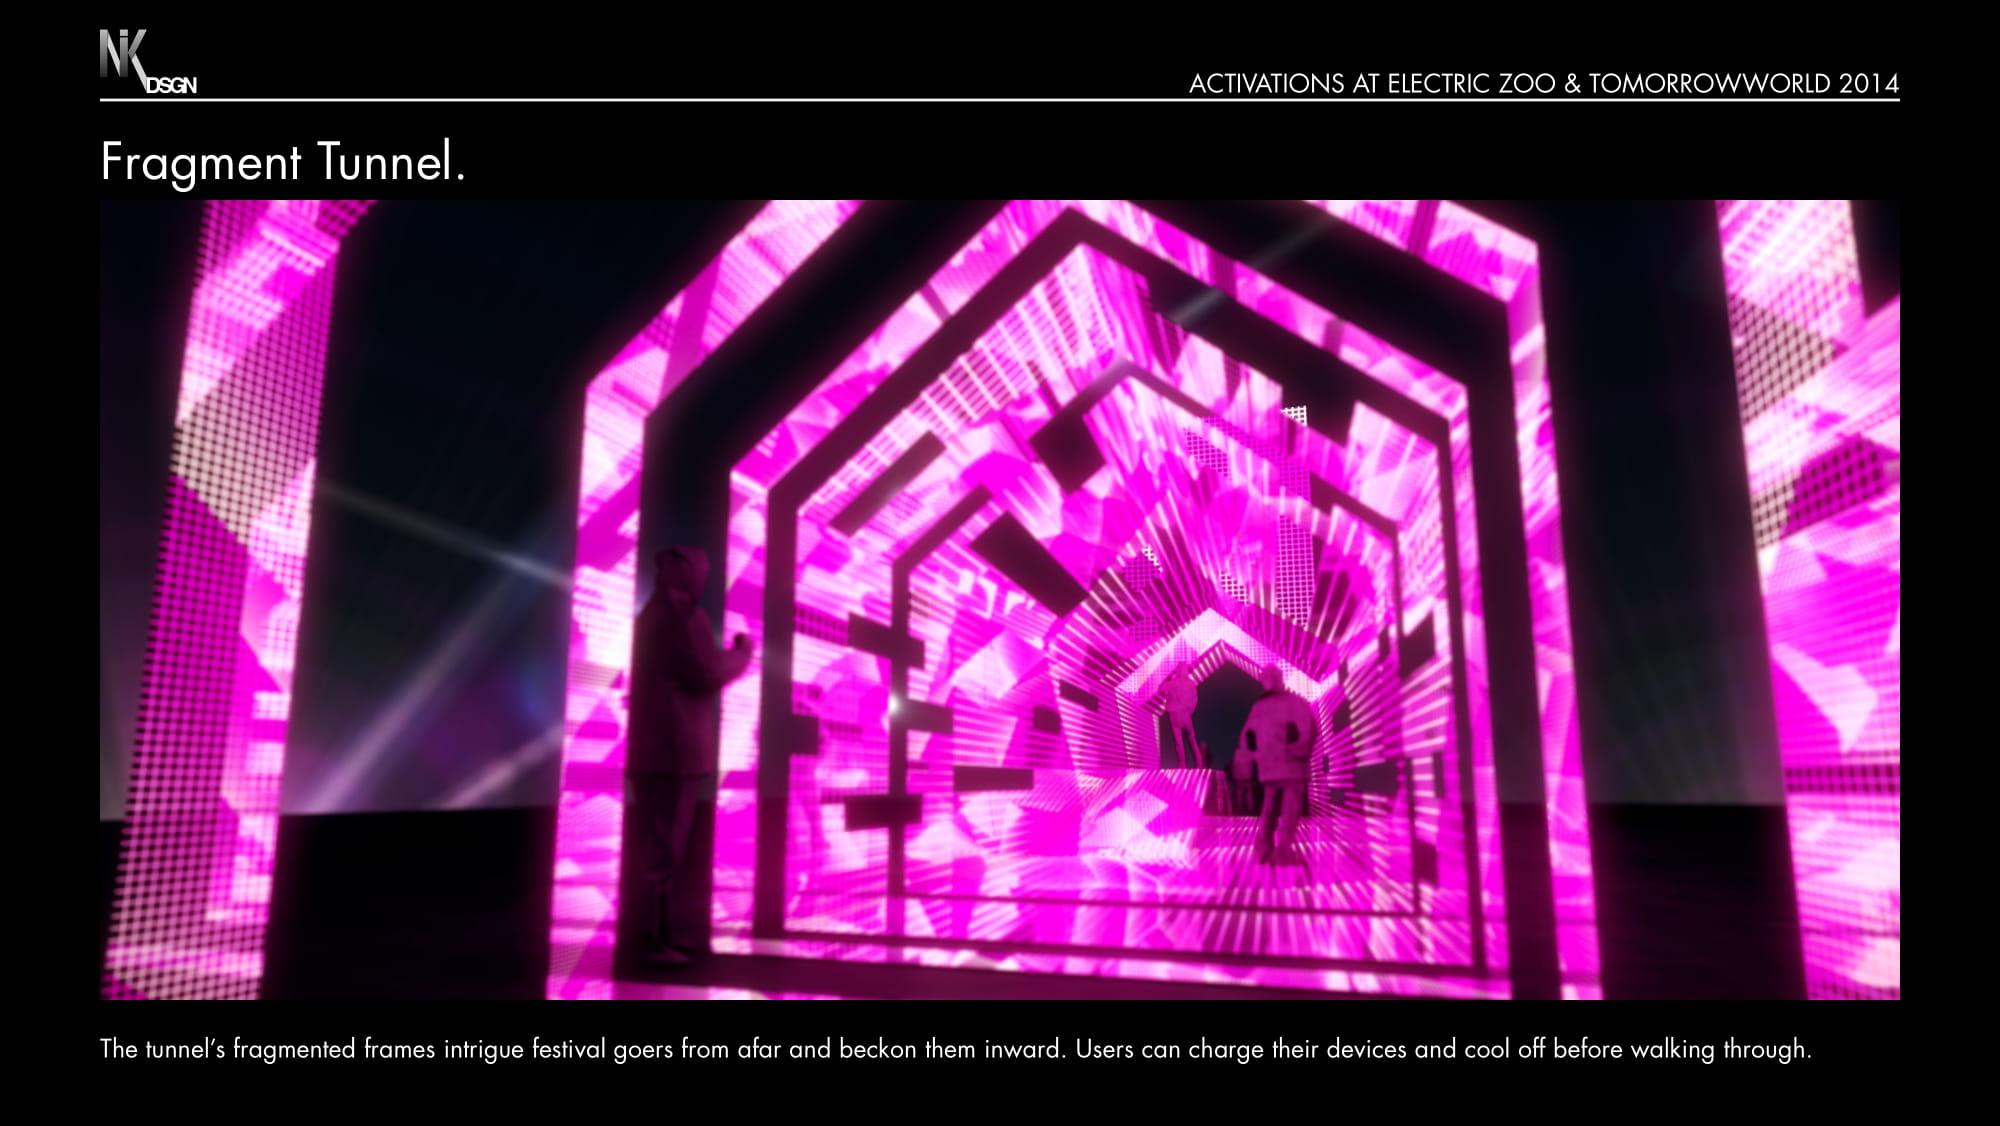 TMOB_NKdsgn_LED_v03s-08.jpg